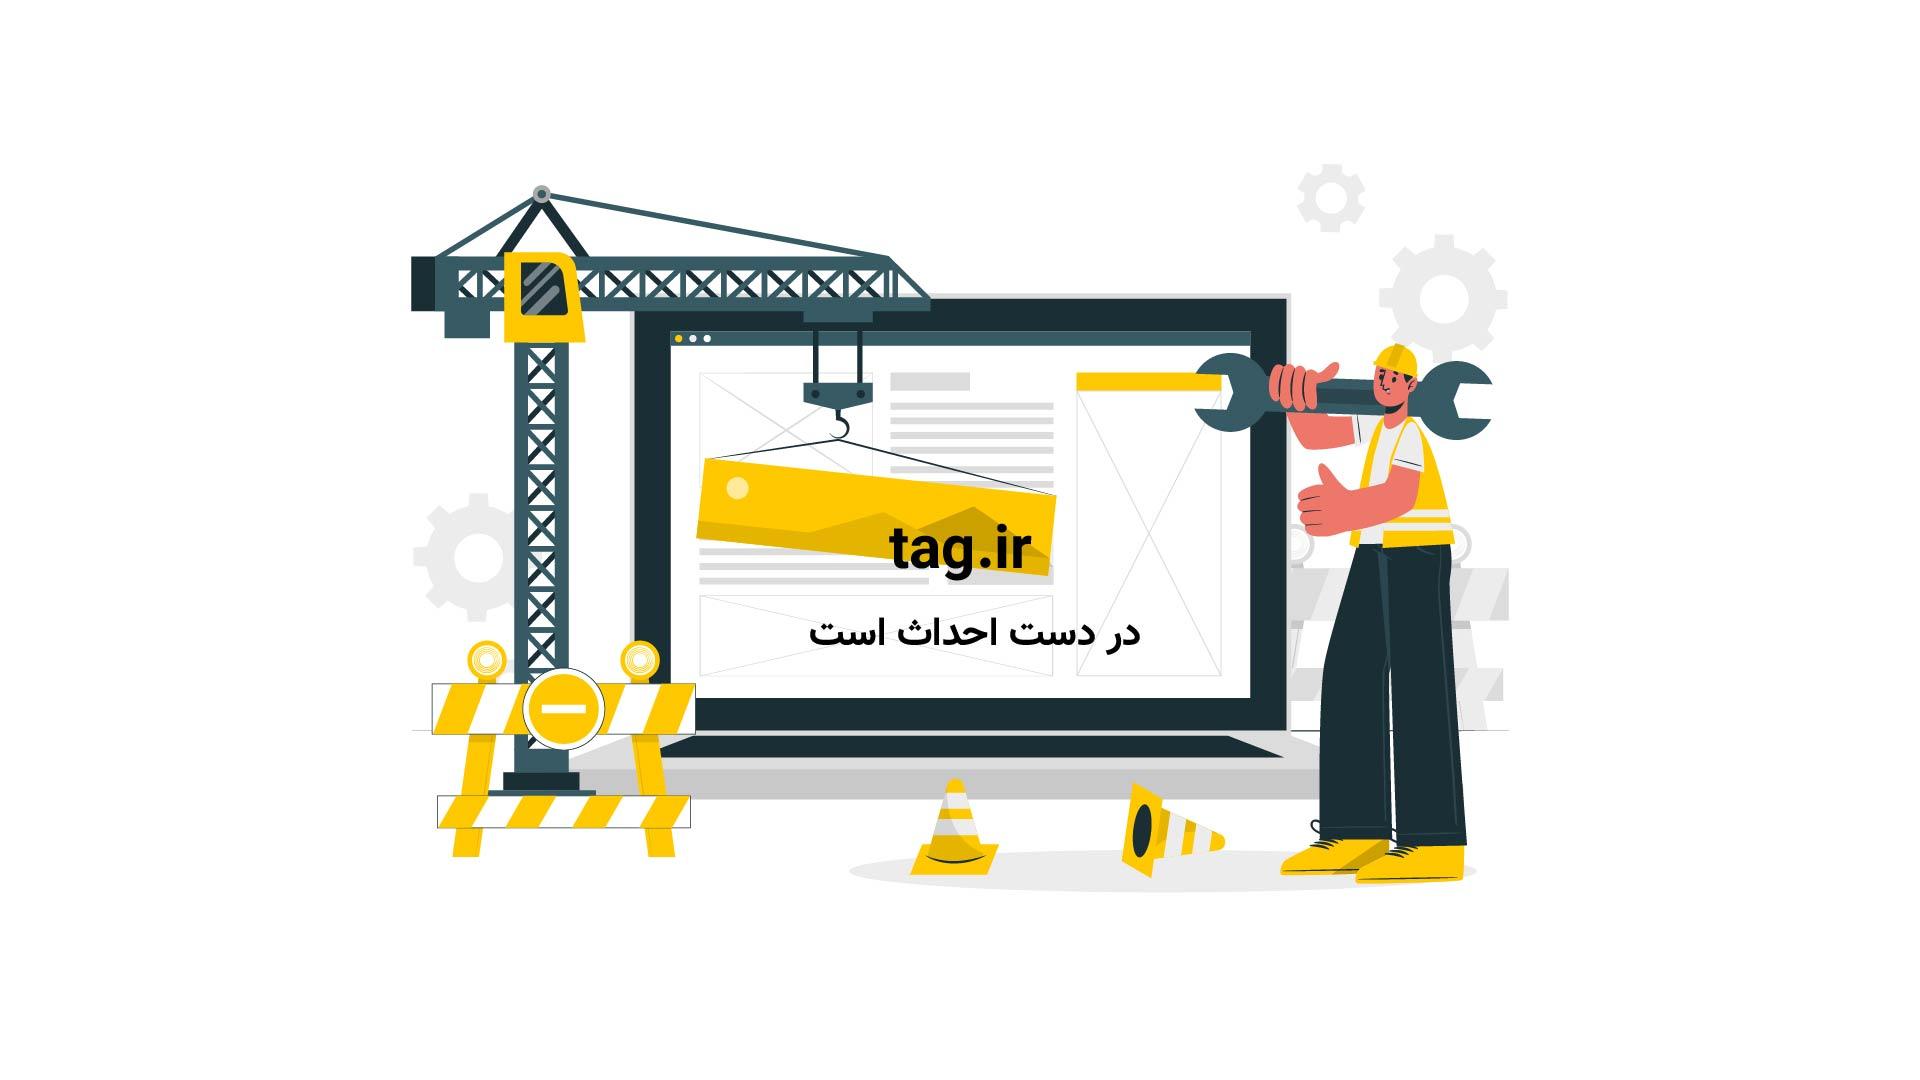 درباره دایناسورها-اسپاینوسوروس | تگ